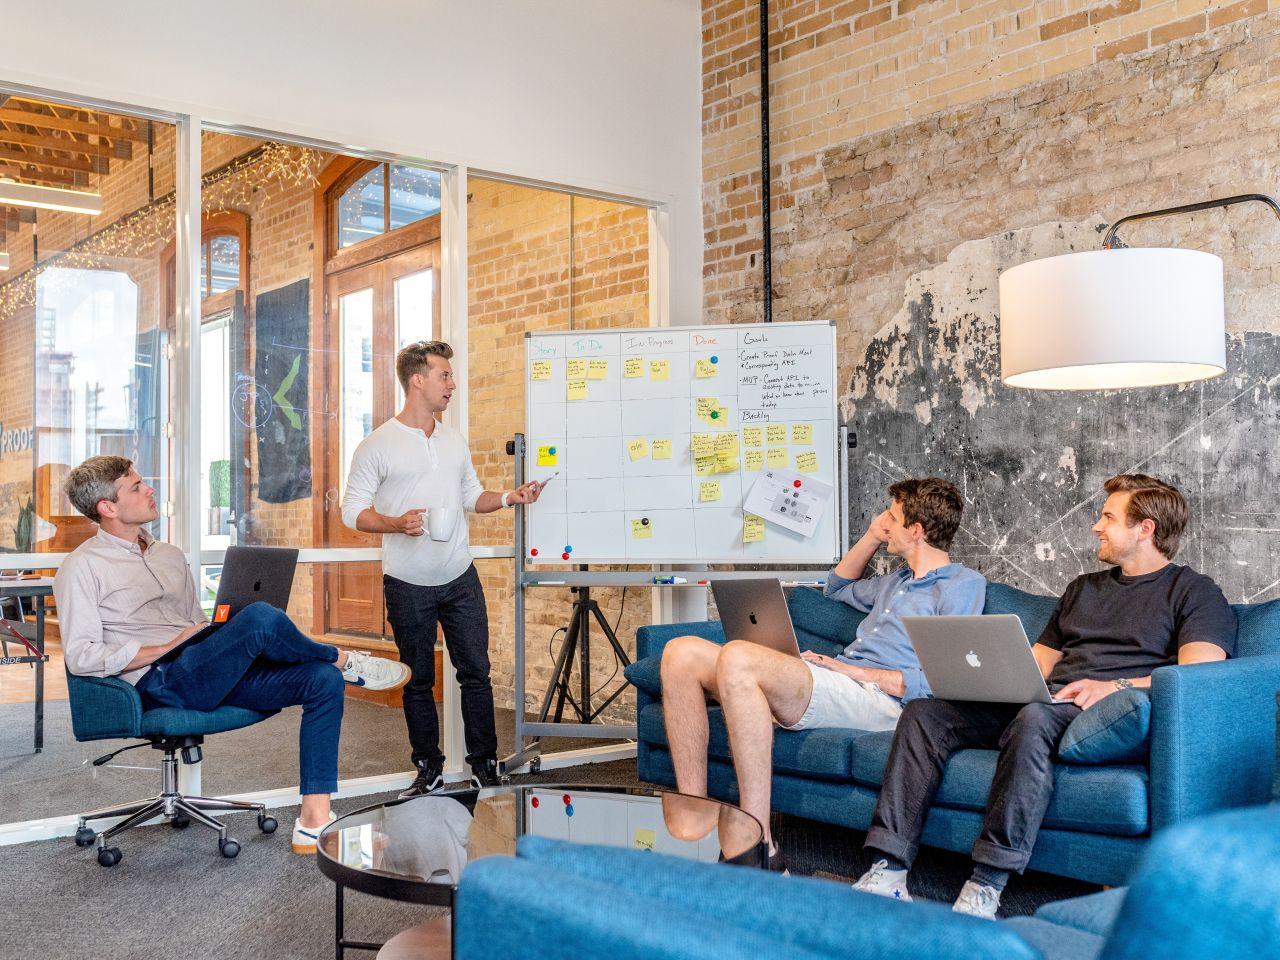 Jakimi sposobami można poprawić poprawić komunikację w zespole?